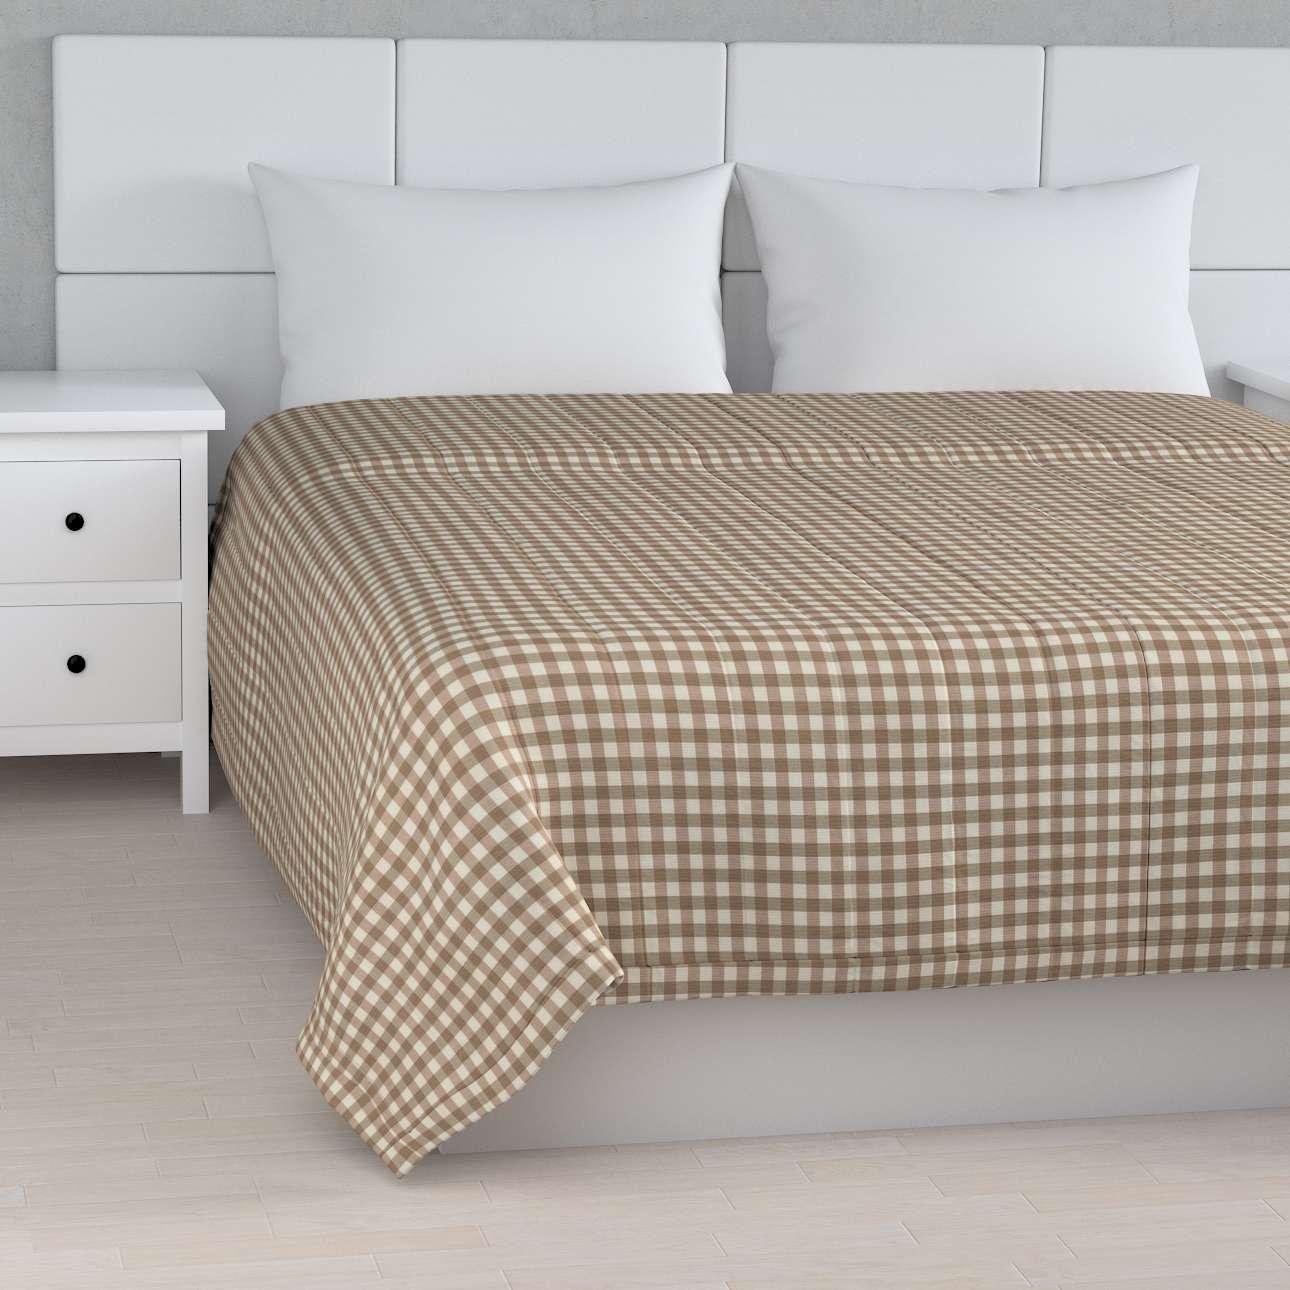 Tagesdecke mit Streifen-Steppung von der Kollektion Quadro, Stoff: 136-06